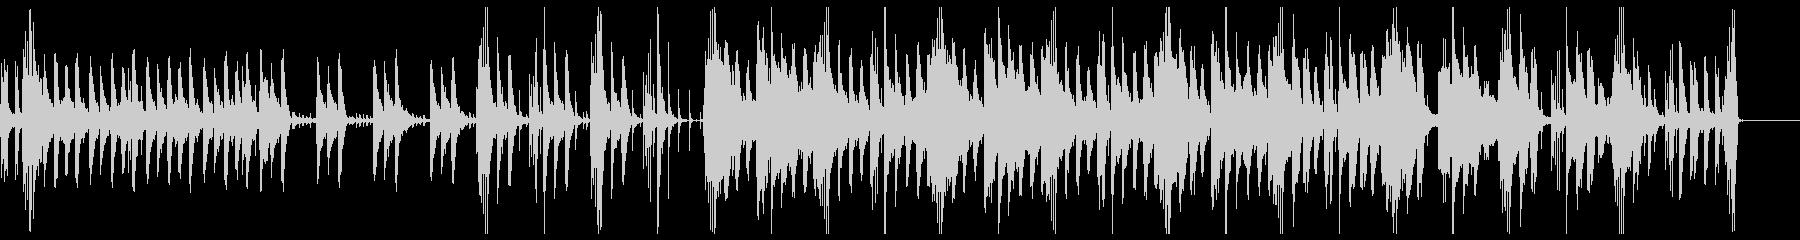 神秘的な雰囲気のBGMの未再生の波形